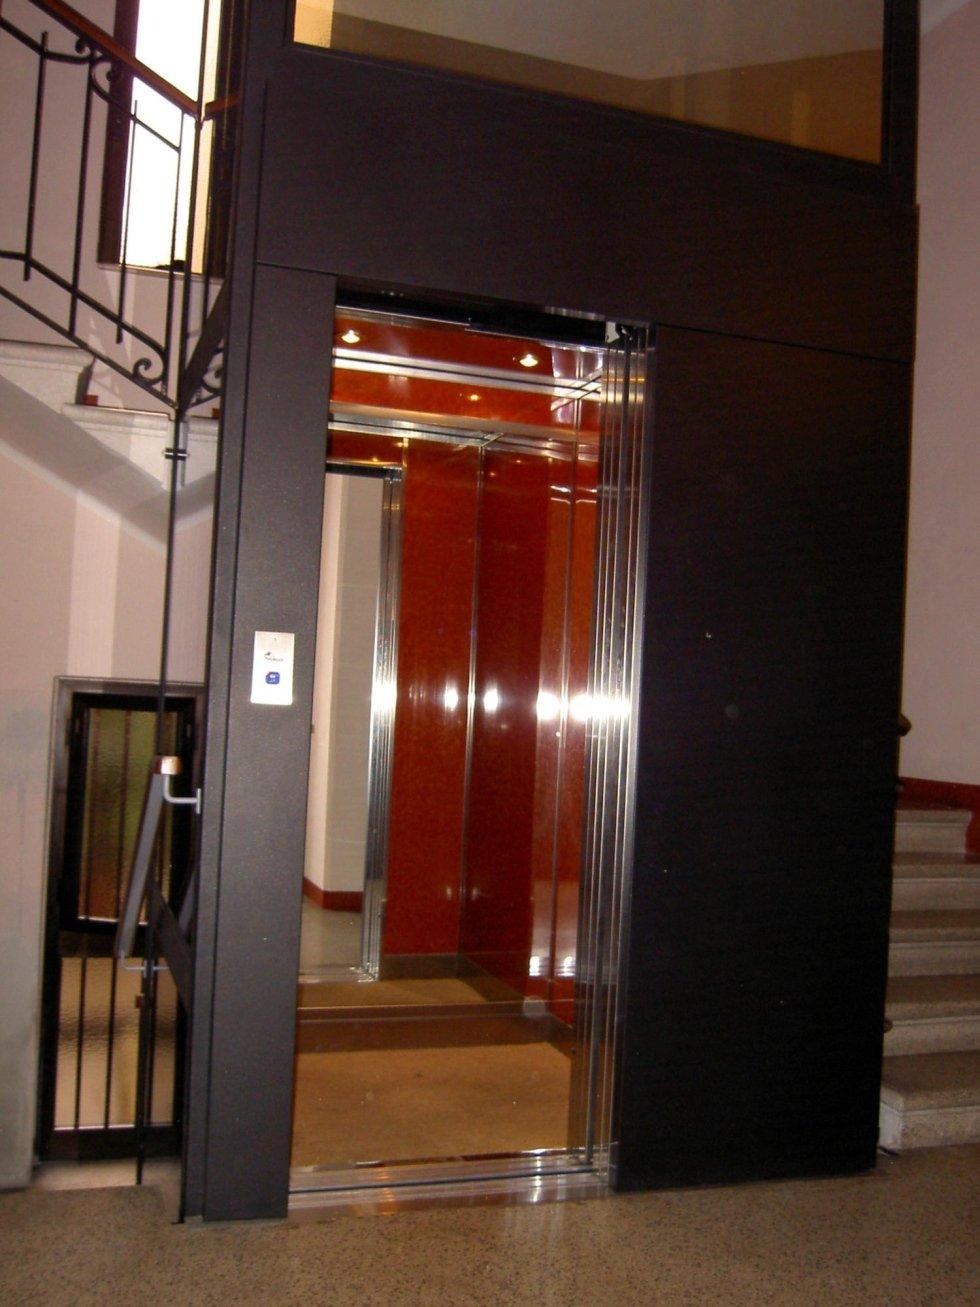 ascensore con porte aperte, cabina in laminato